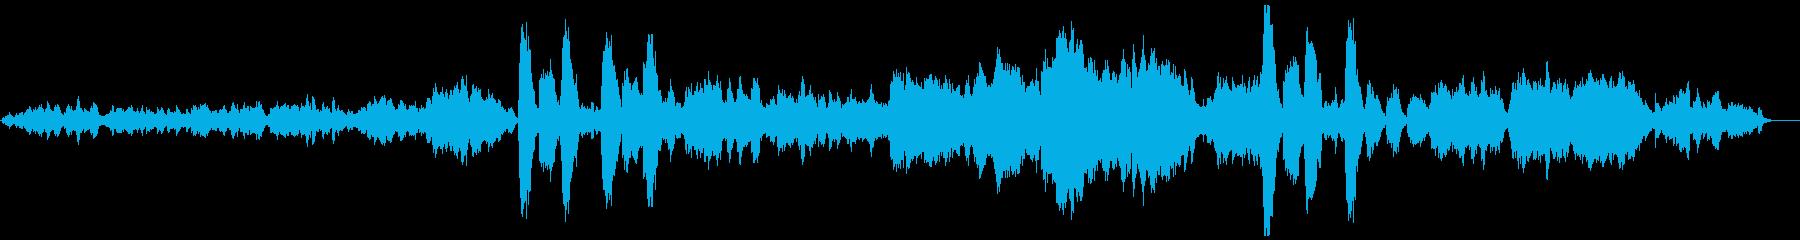 「シシリエンヌ」 オーケストラの再生済みの波形